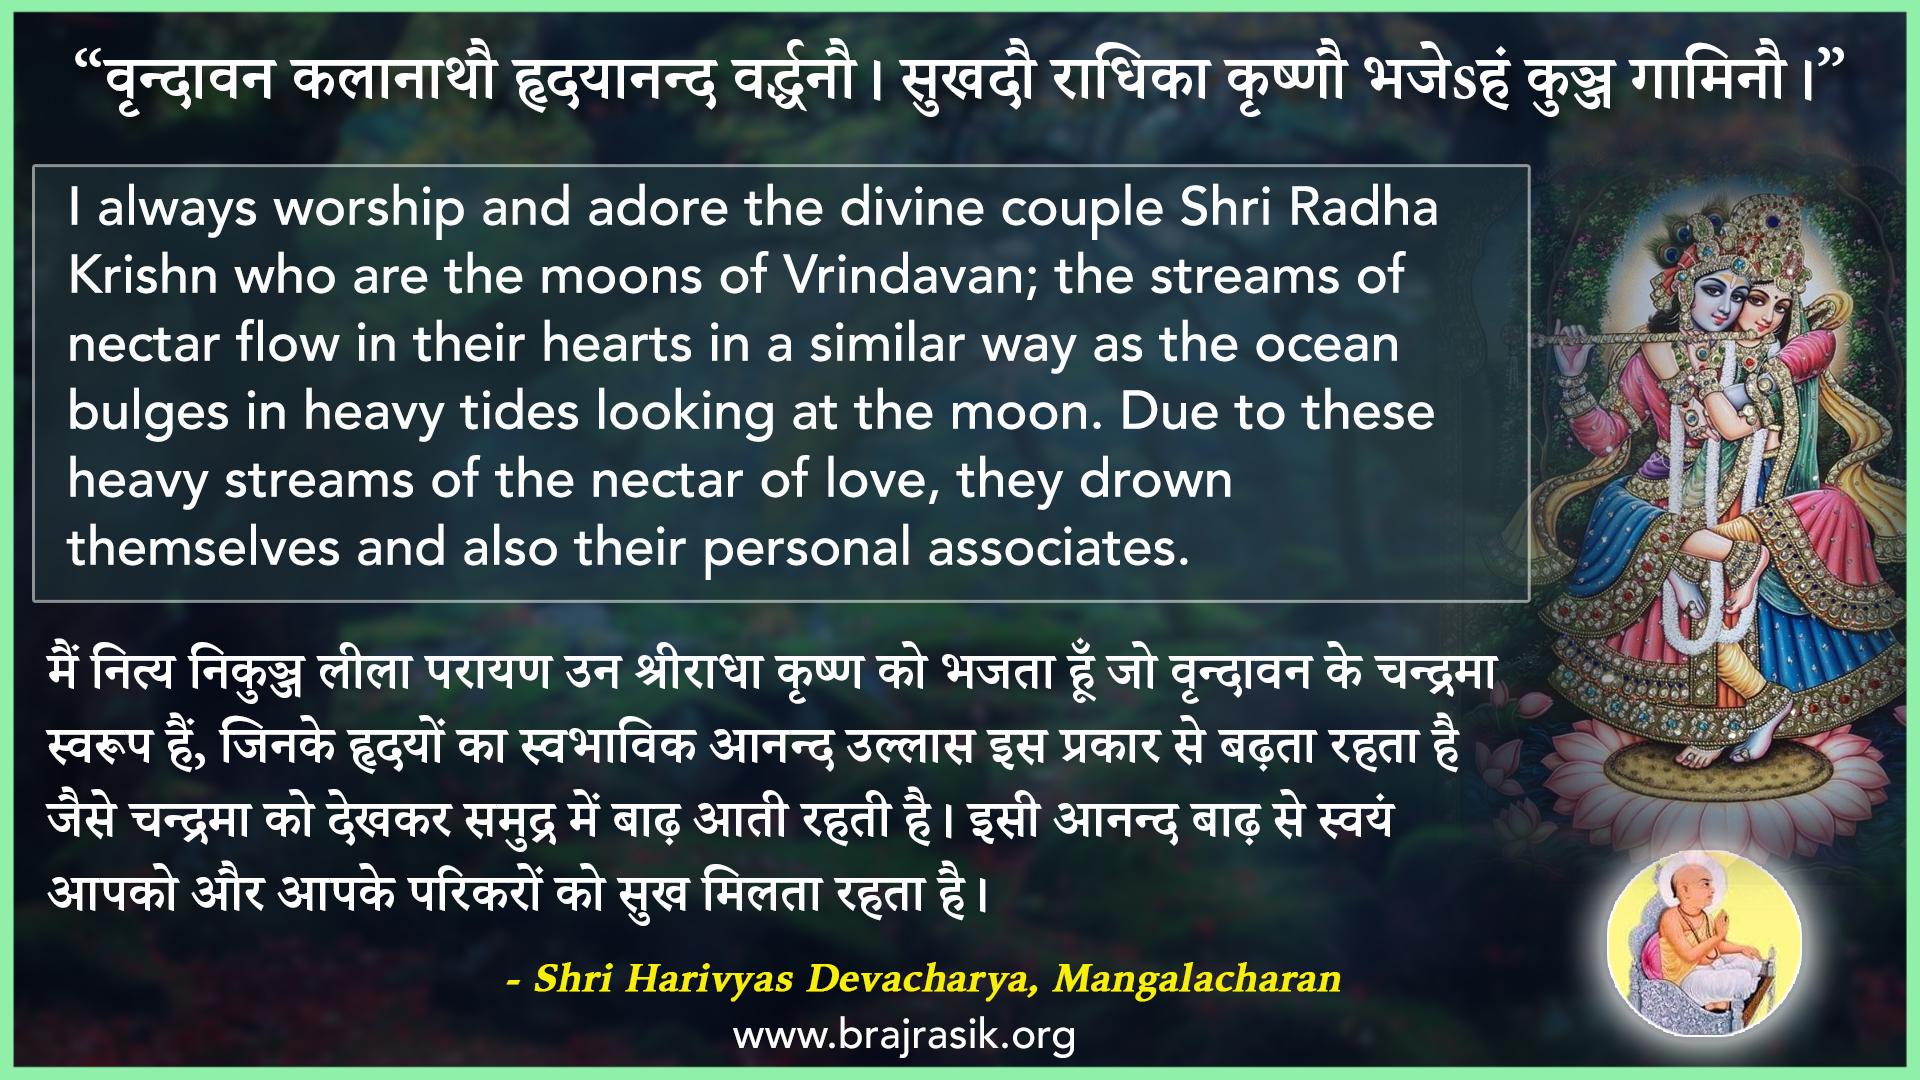 Vrindavan Kalanatho Hridyanand Vardhano - Shri Harivyas Devacharya, Mangalacharan